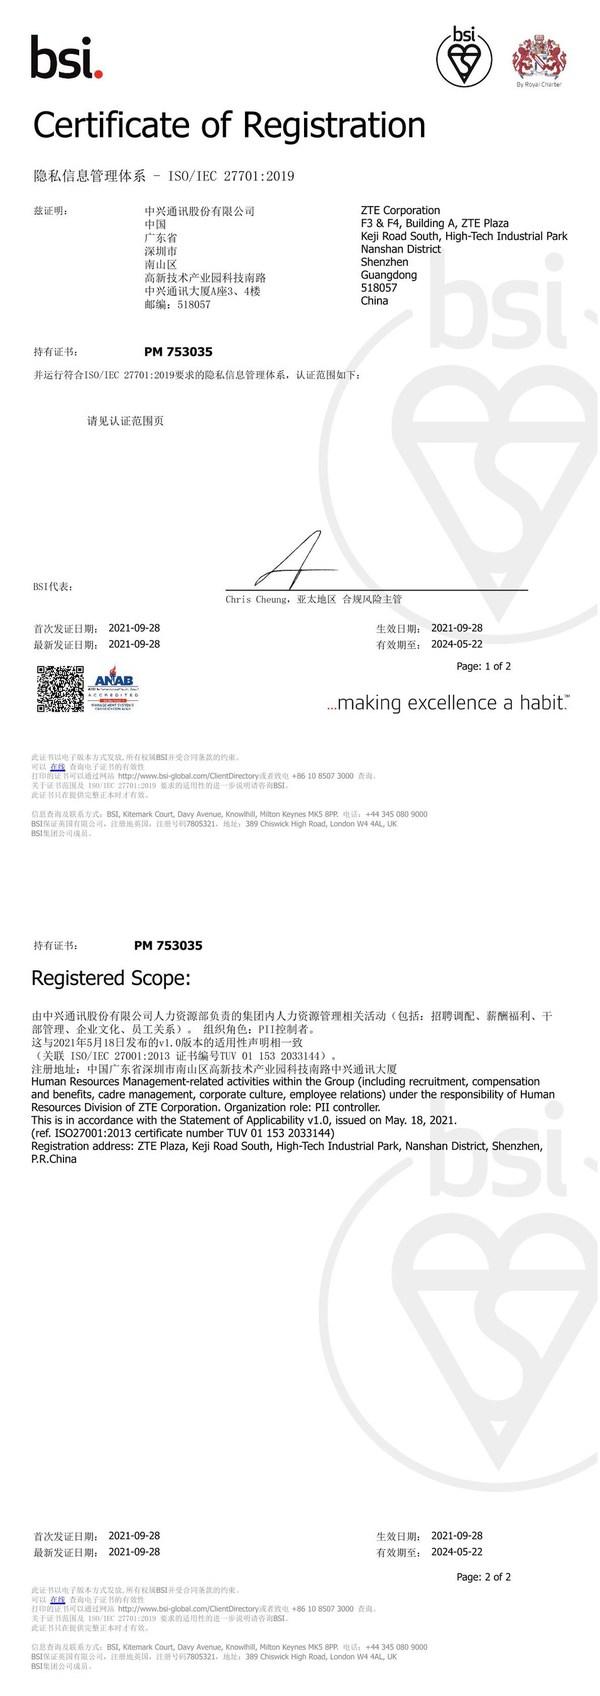 中興通訊人力資源管理活動獲ISO/IEC 27701:2019認證